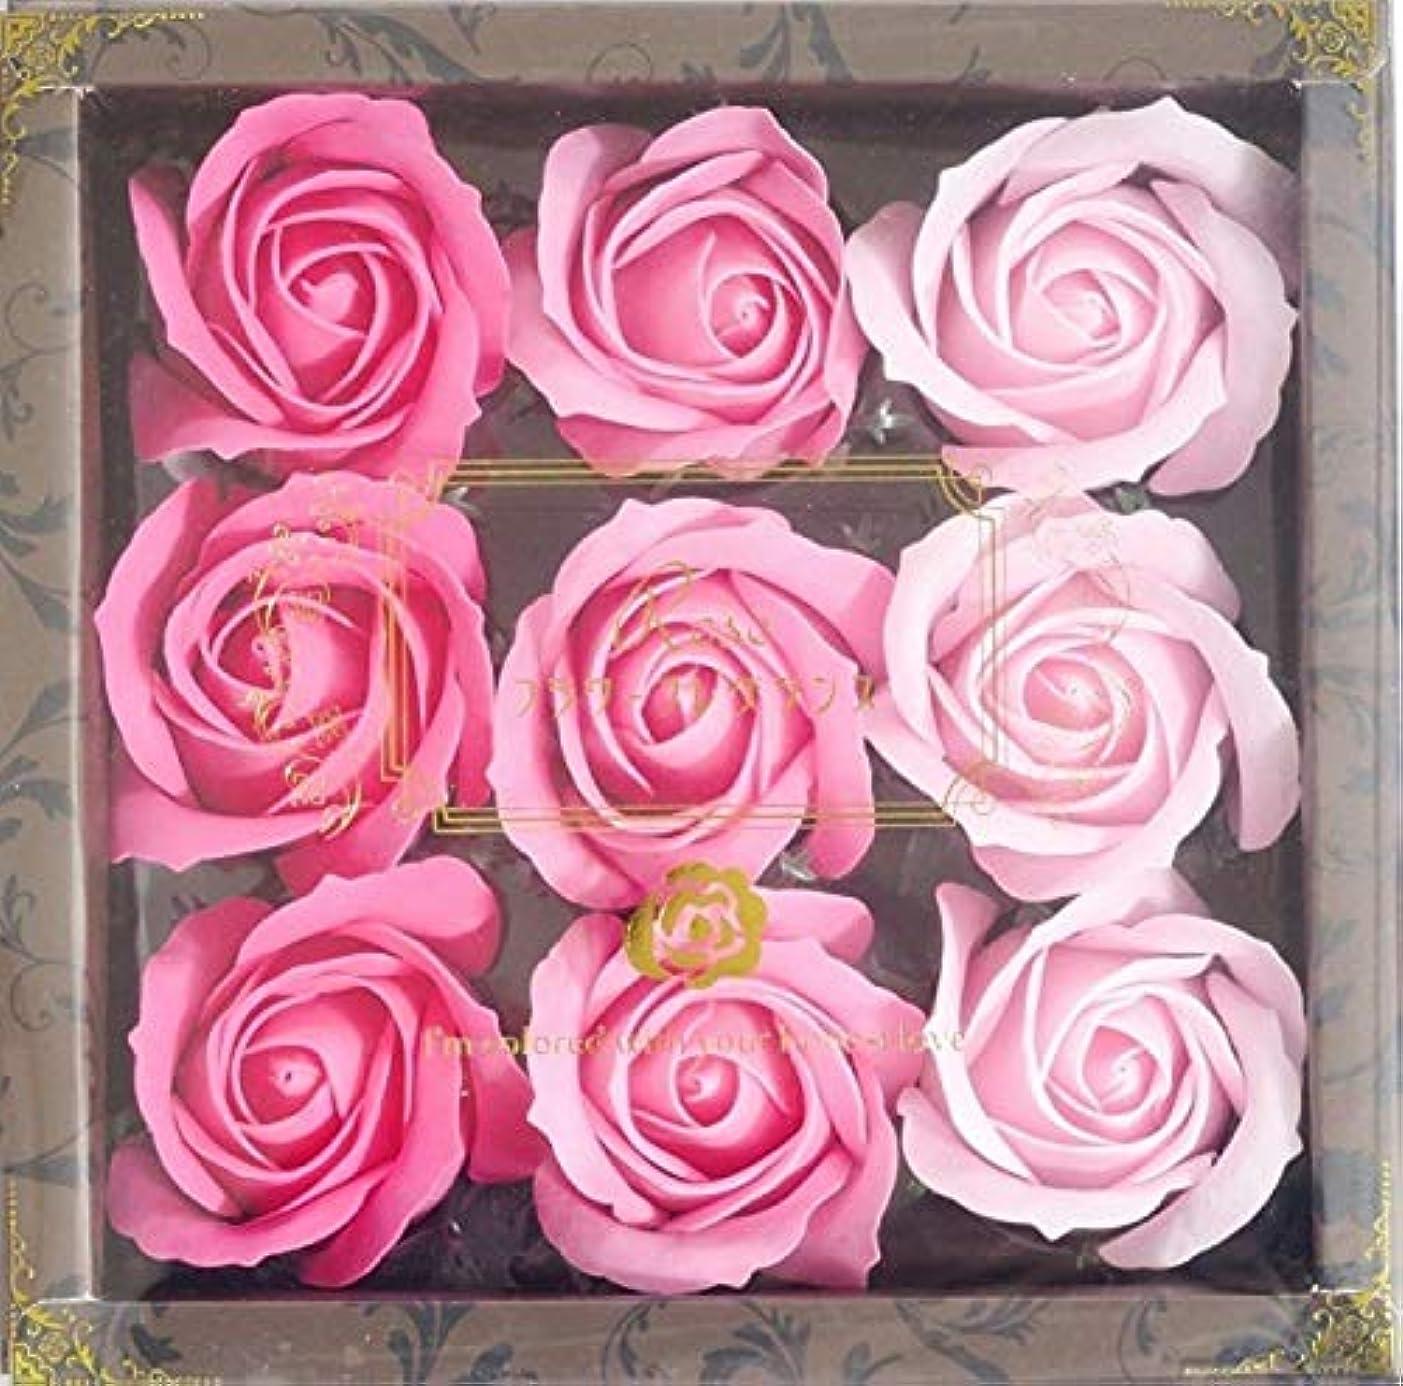 教育する滞在ジーンズバスフレグランス バスフラワー ローズフレグランス ピンクカラー お花の形の入浴剤 プレゼント ばら ギフト